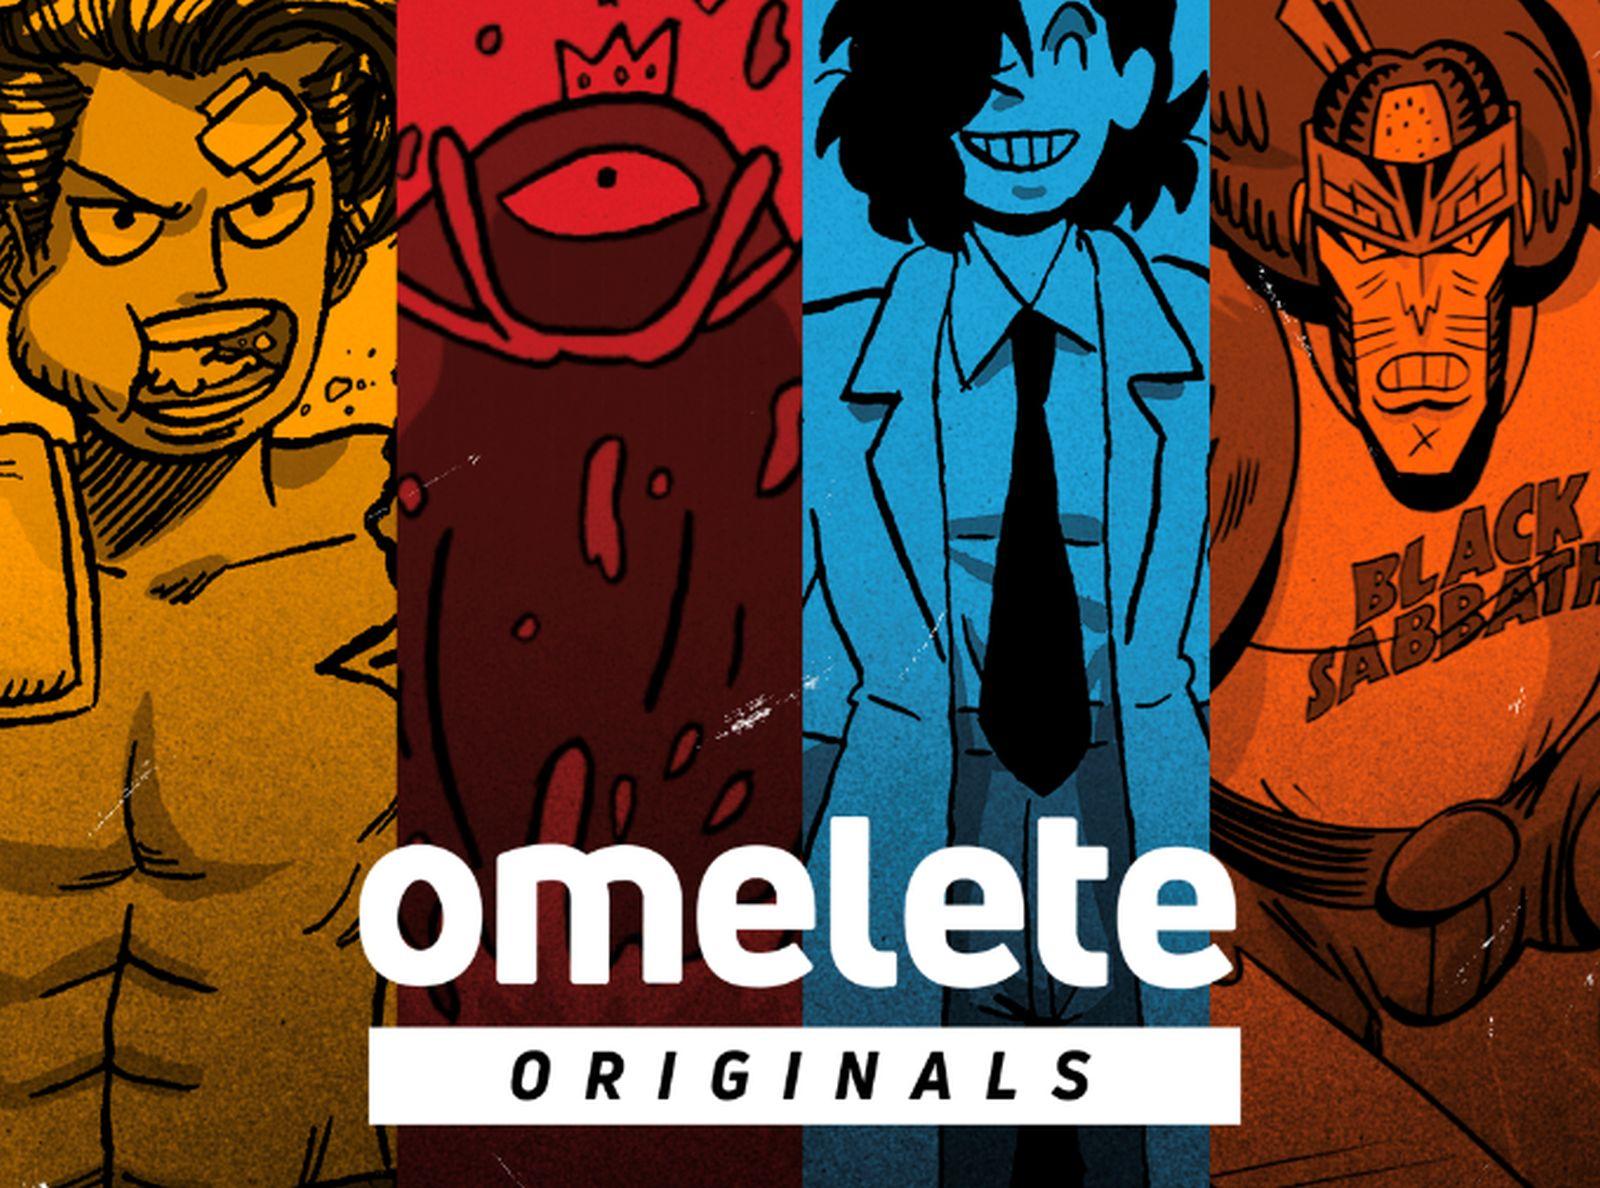 Omelete realiza primeira exposição de originais do seu selo de quadrinhos 4